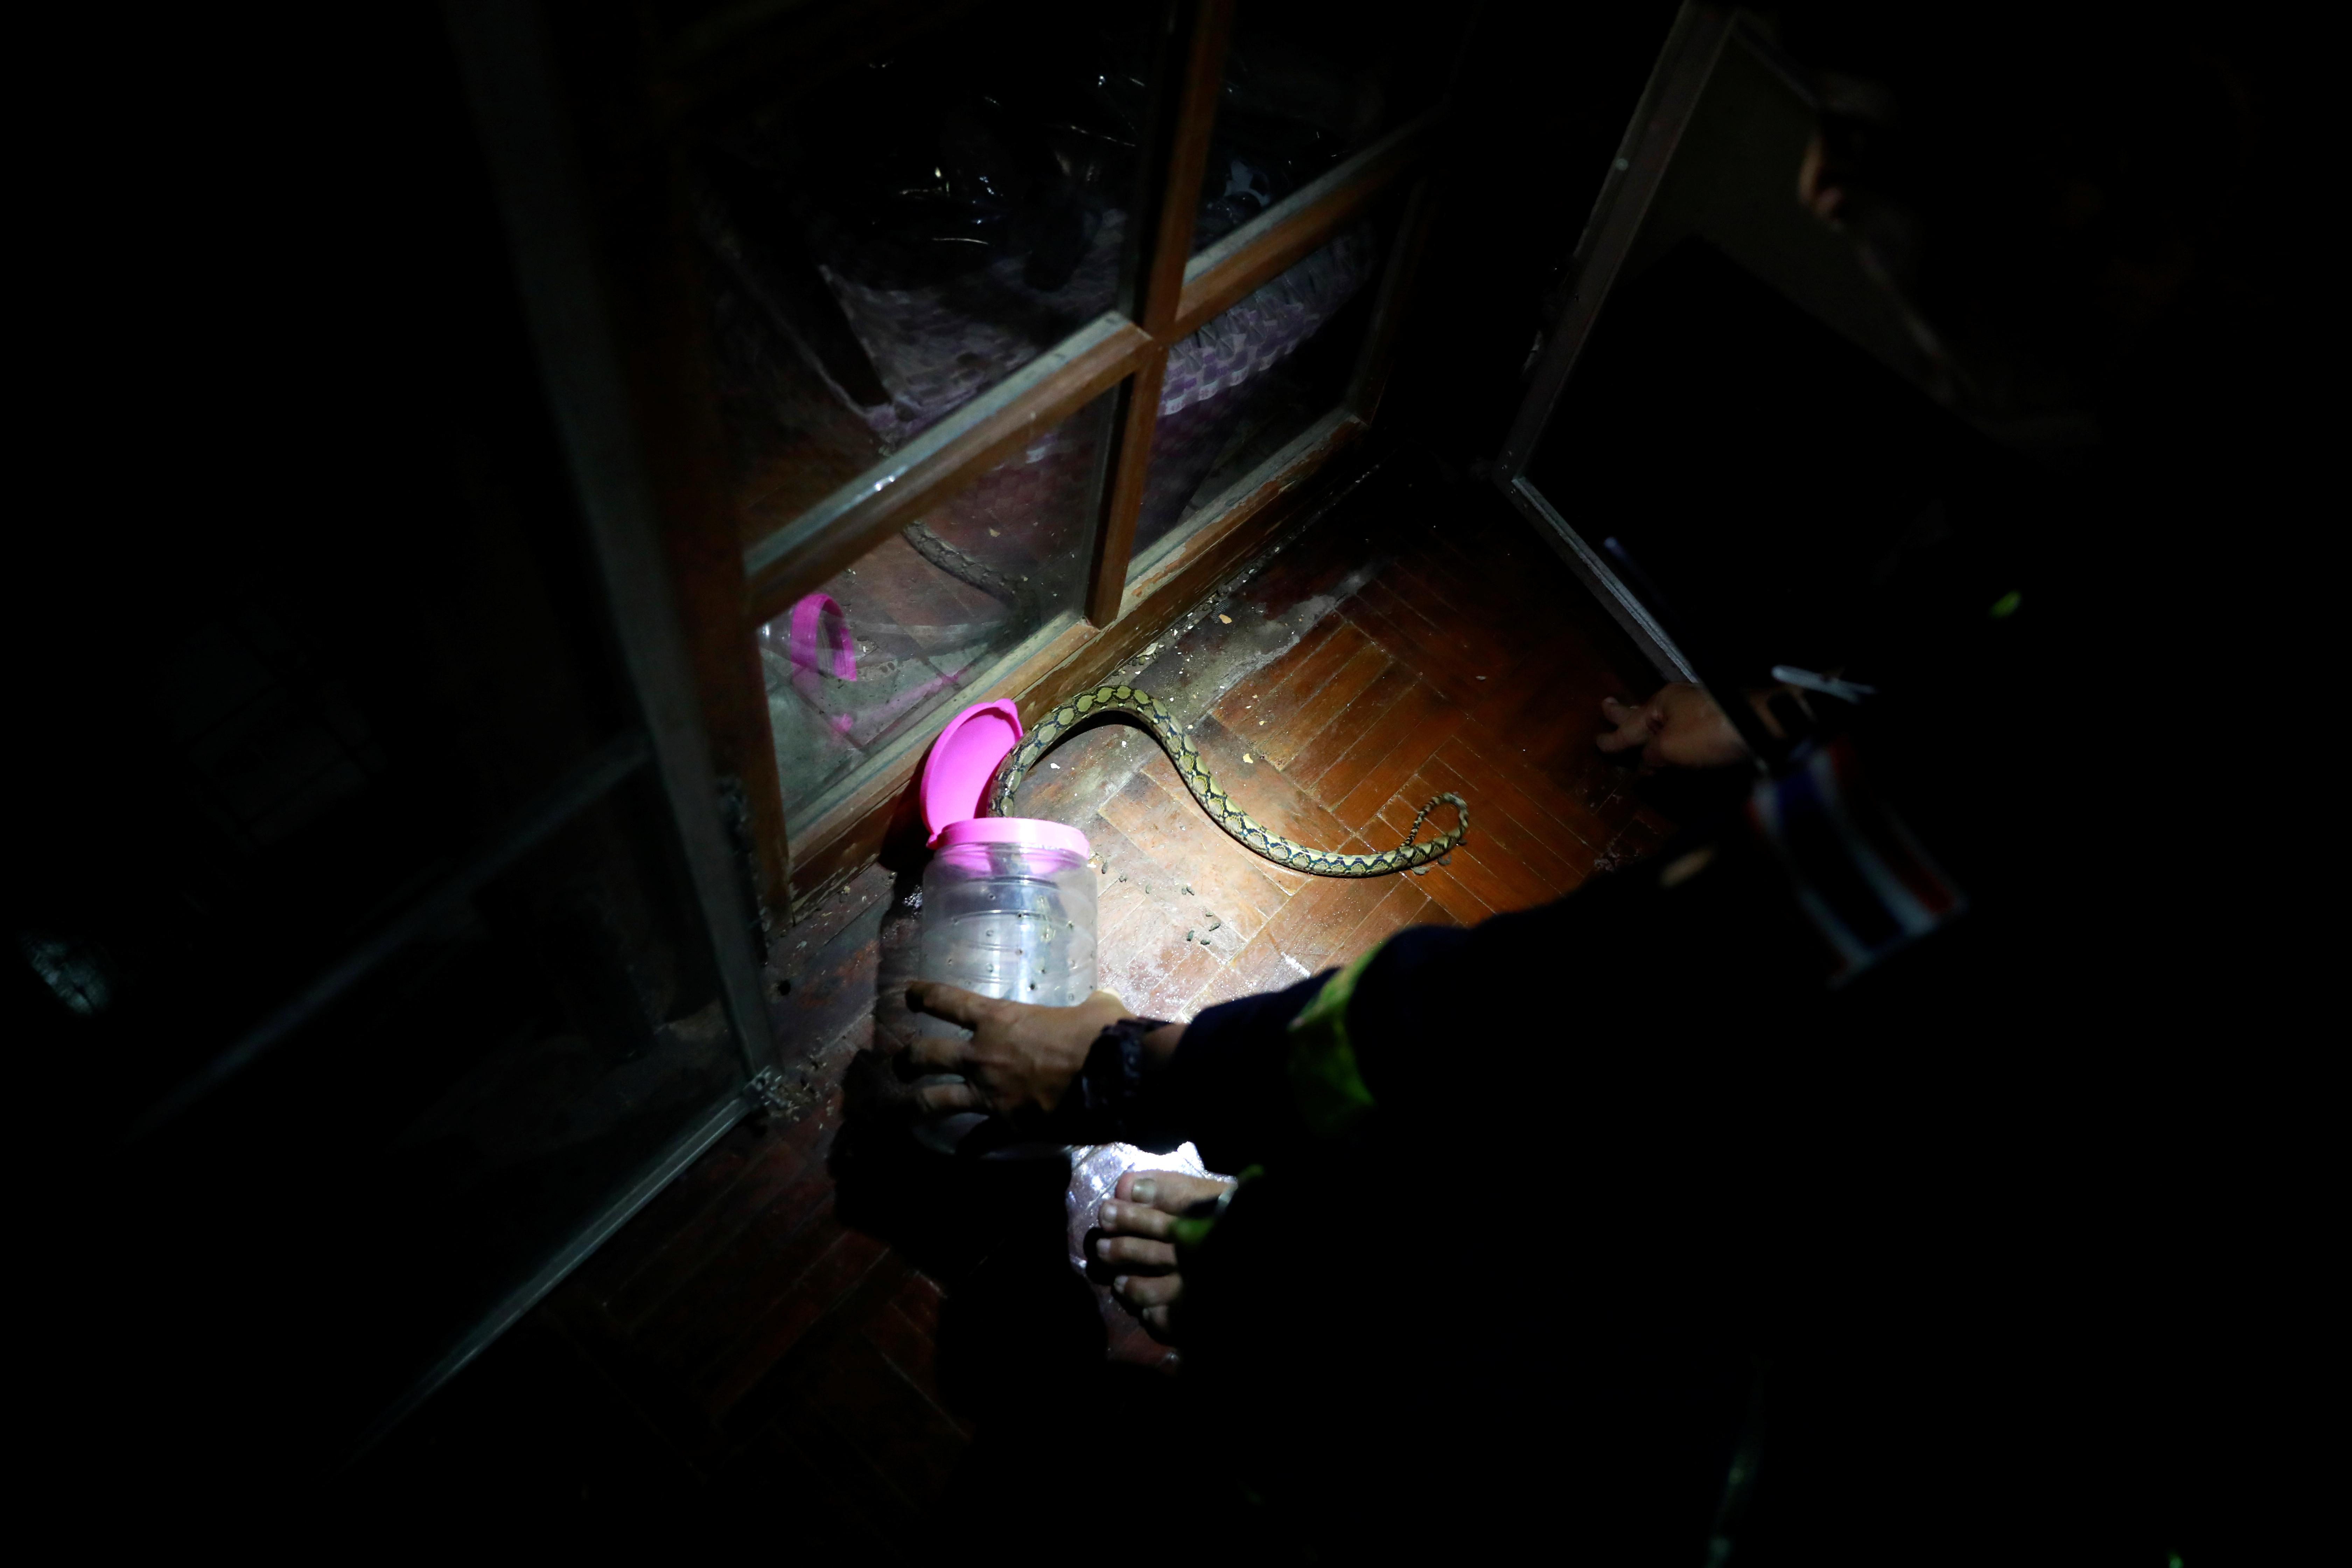 Las serpientes se esconden en muchos hogares en la capital tailandesa y entran en jardines o baños durante la temporada de lluvias en busca de comida